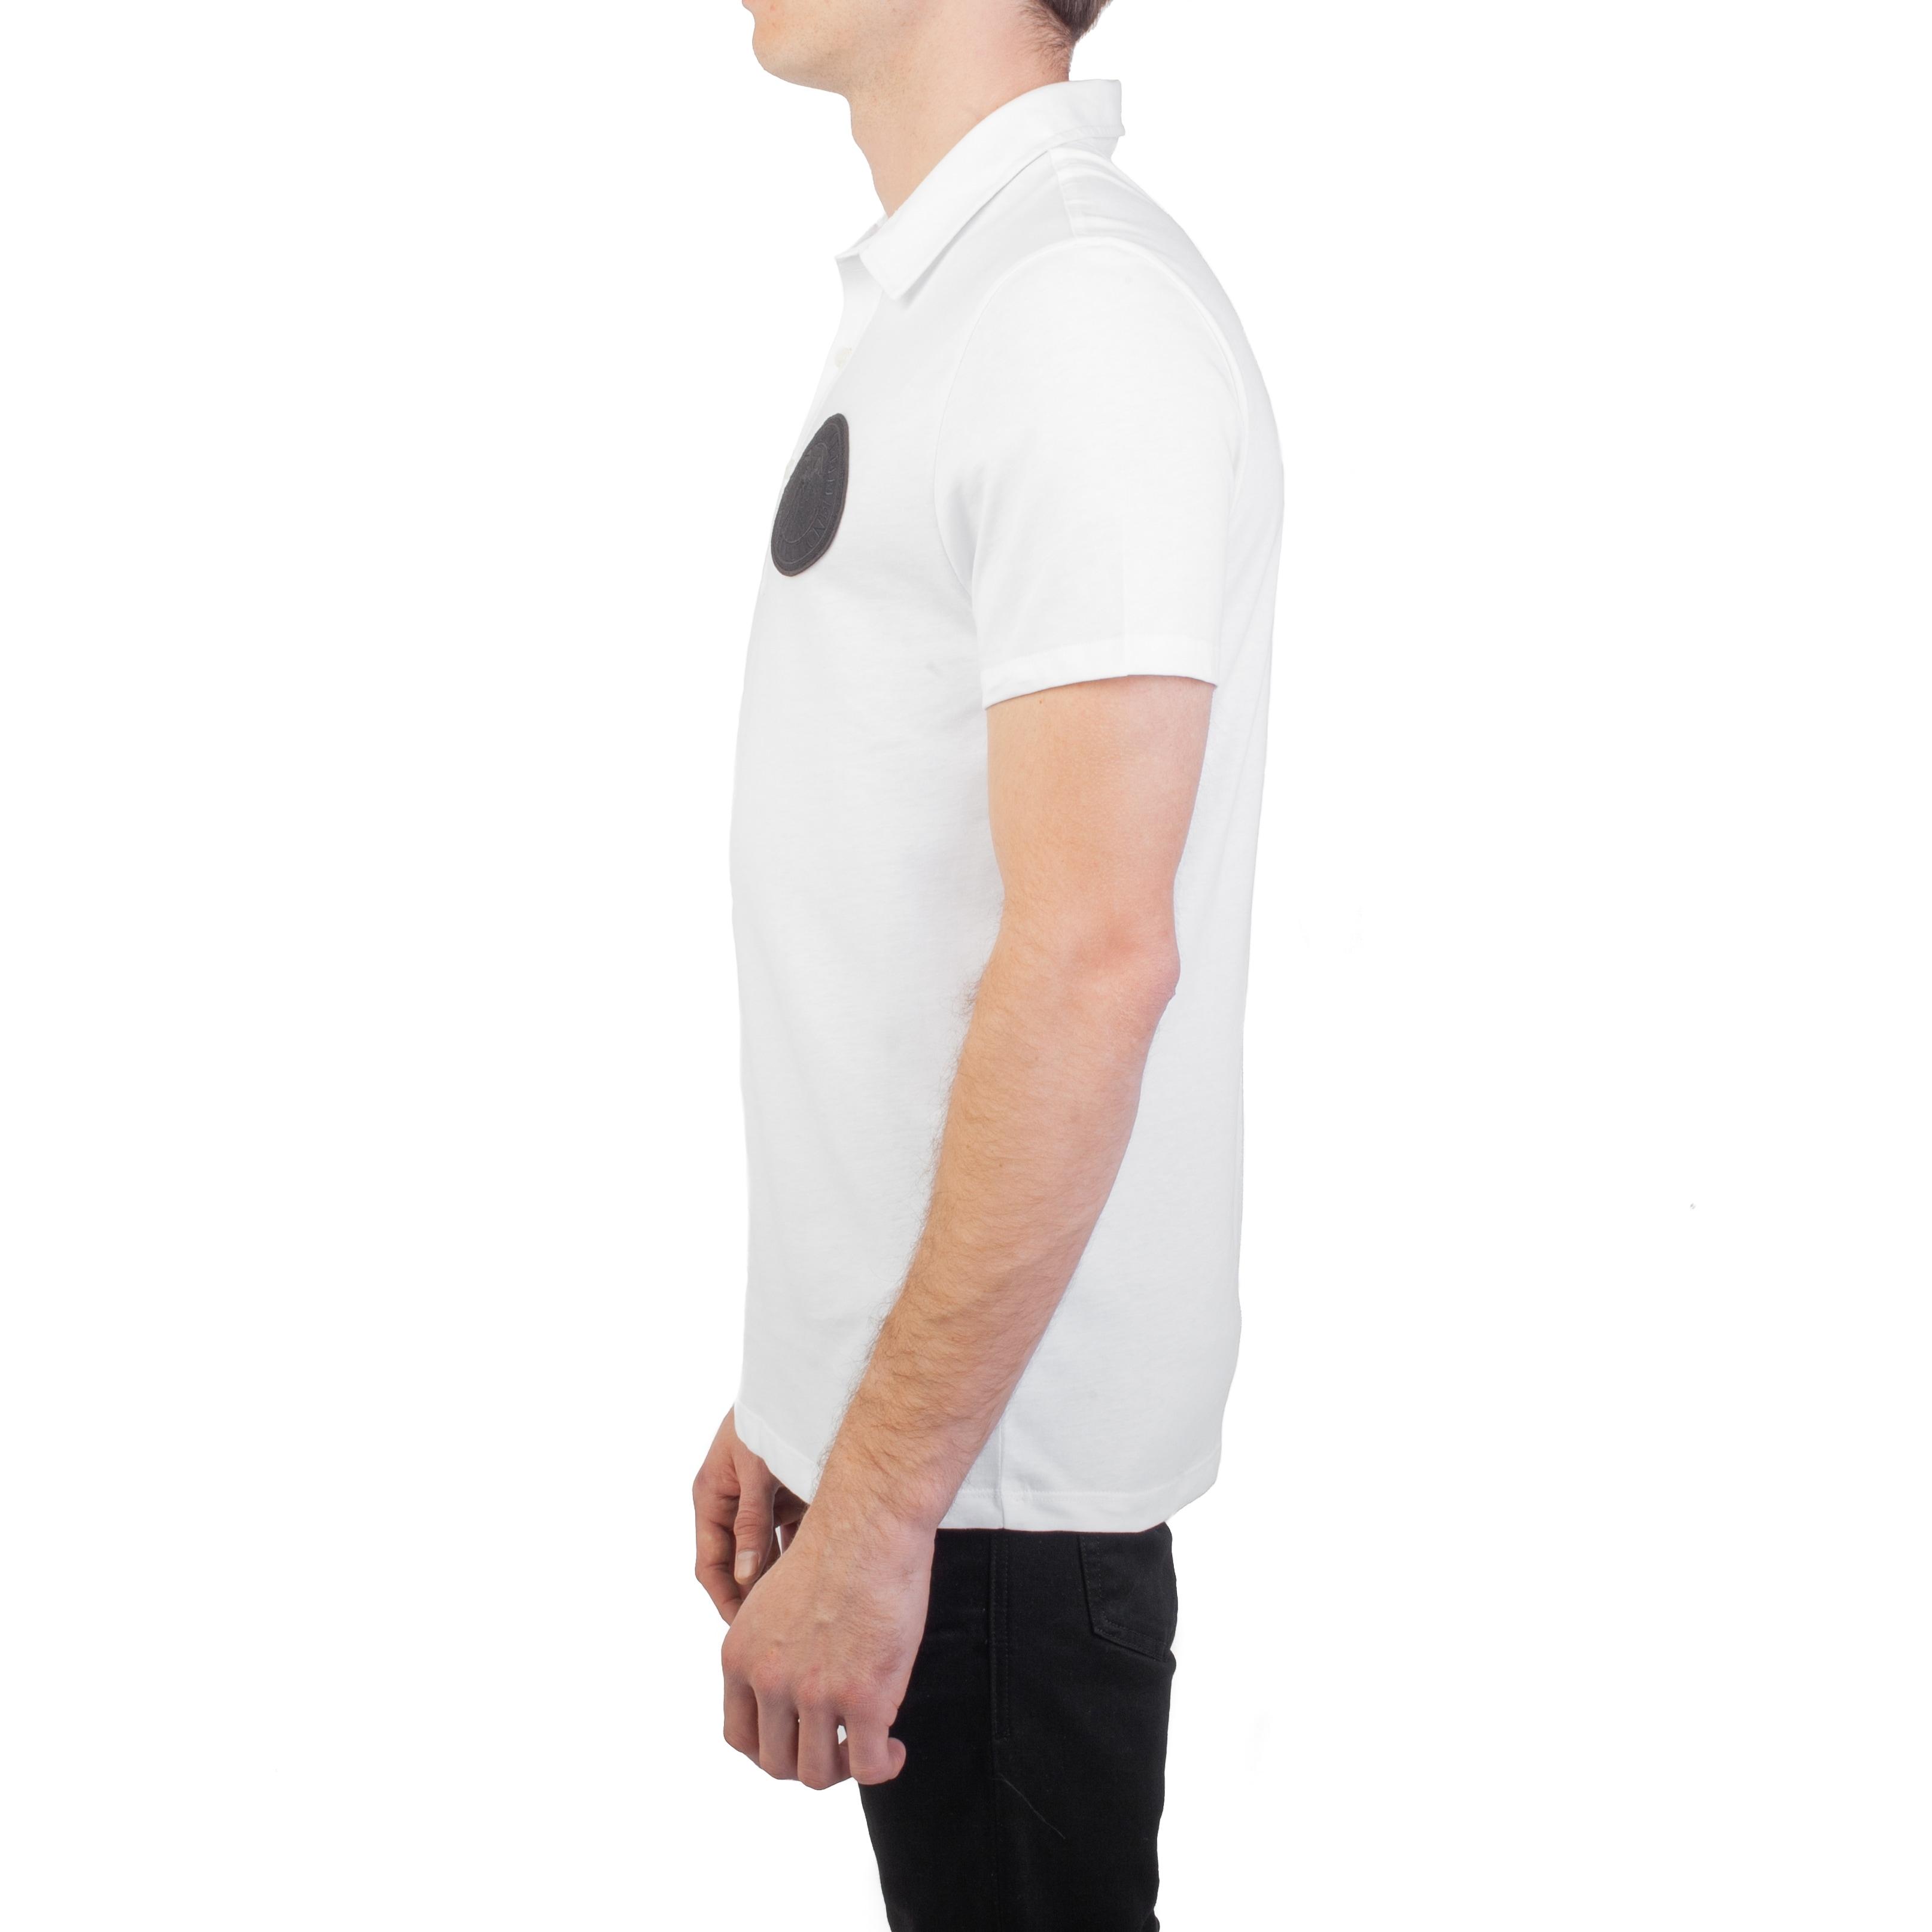 d531d05d Shop Versace Collection Men's Pima Cotton Circular Medusa Polo Shirt White  - Free Shipping Today - Overstock - 26506696